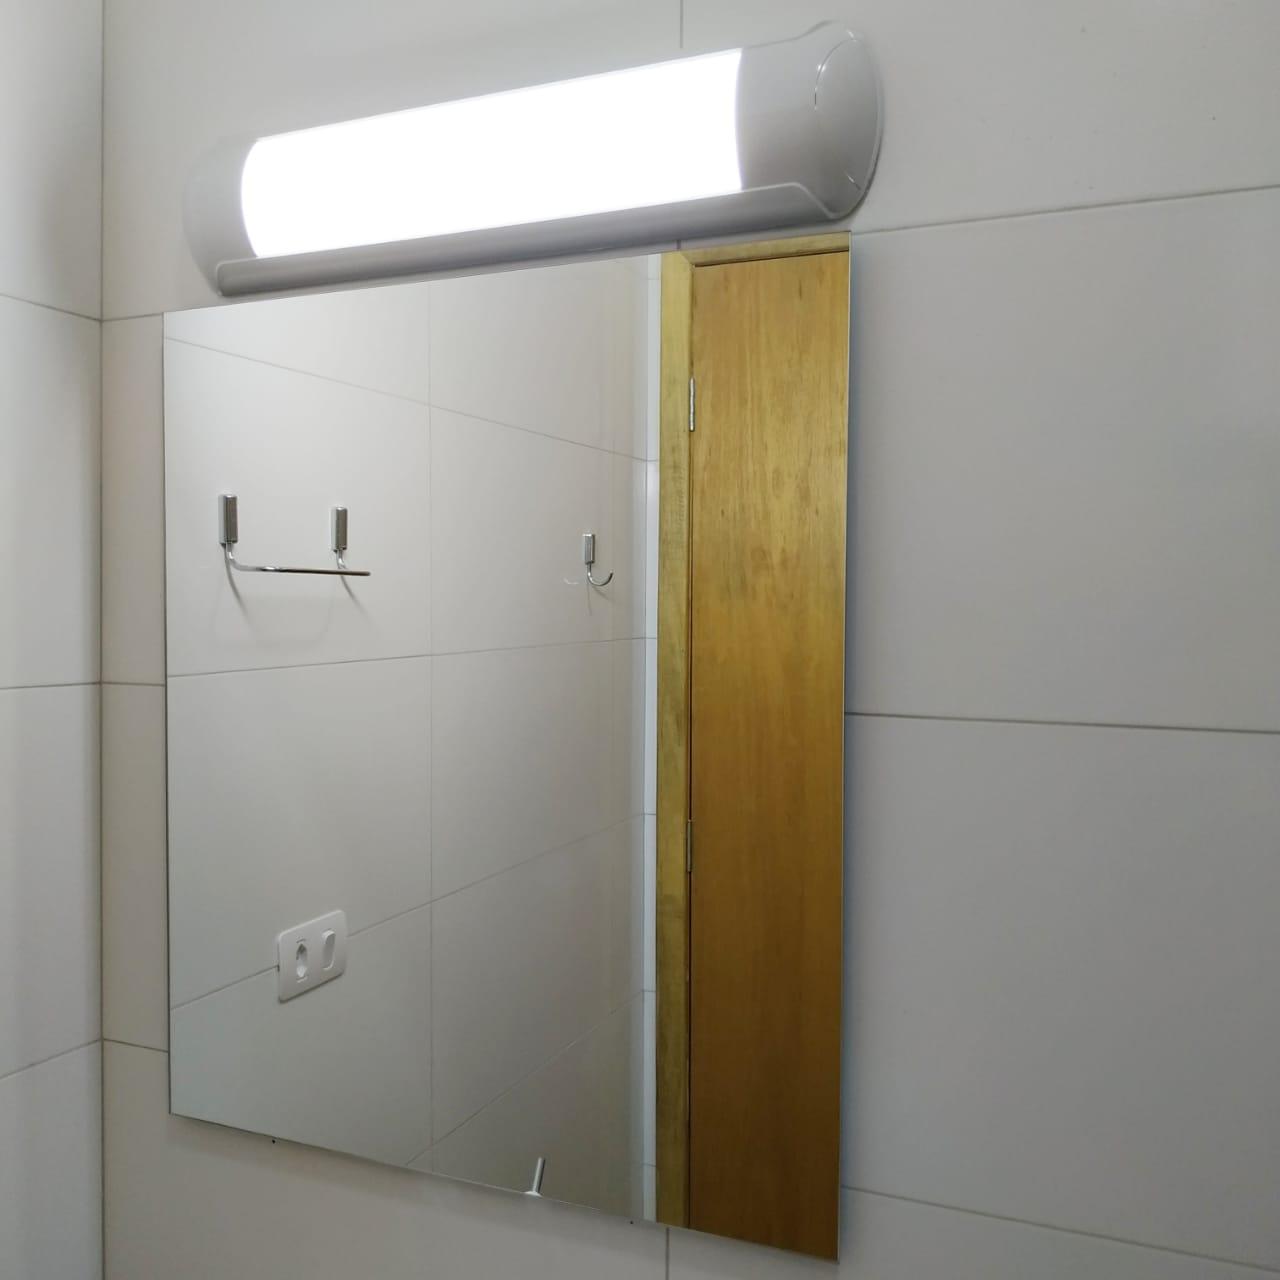 Luminária De Led 18w 58cm Lâmpada Espelho Banheiro Slim